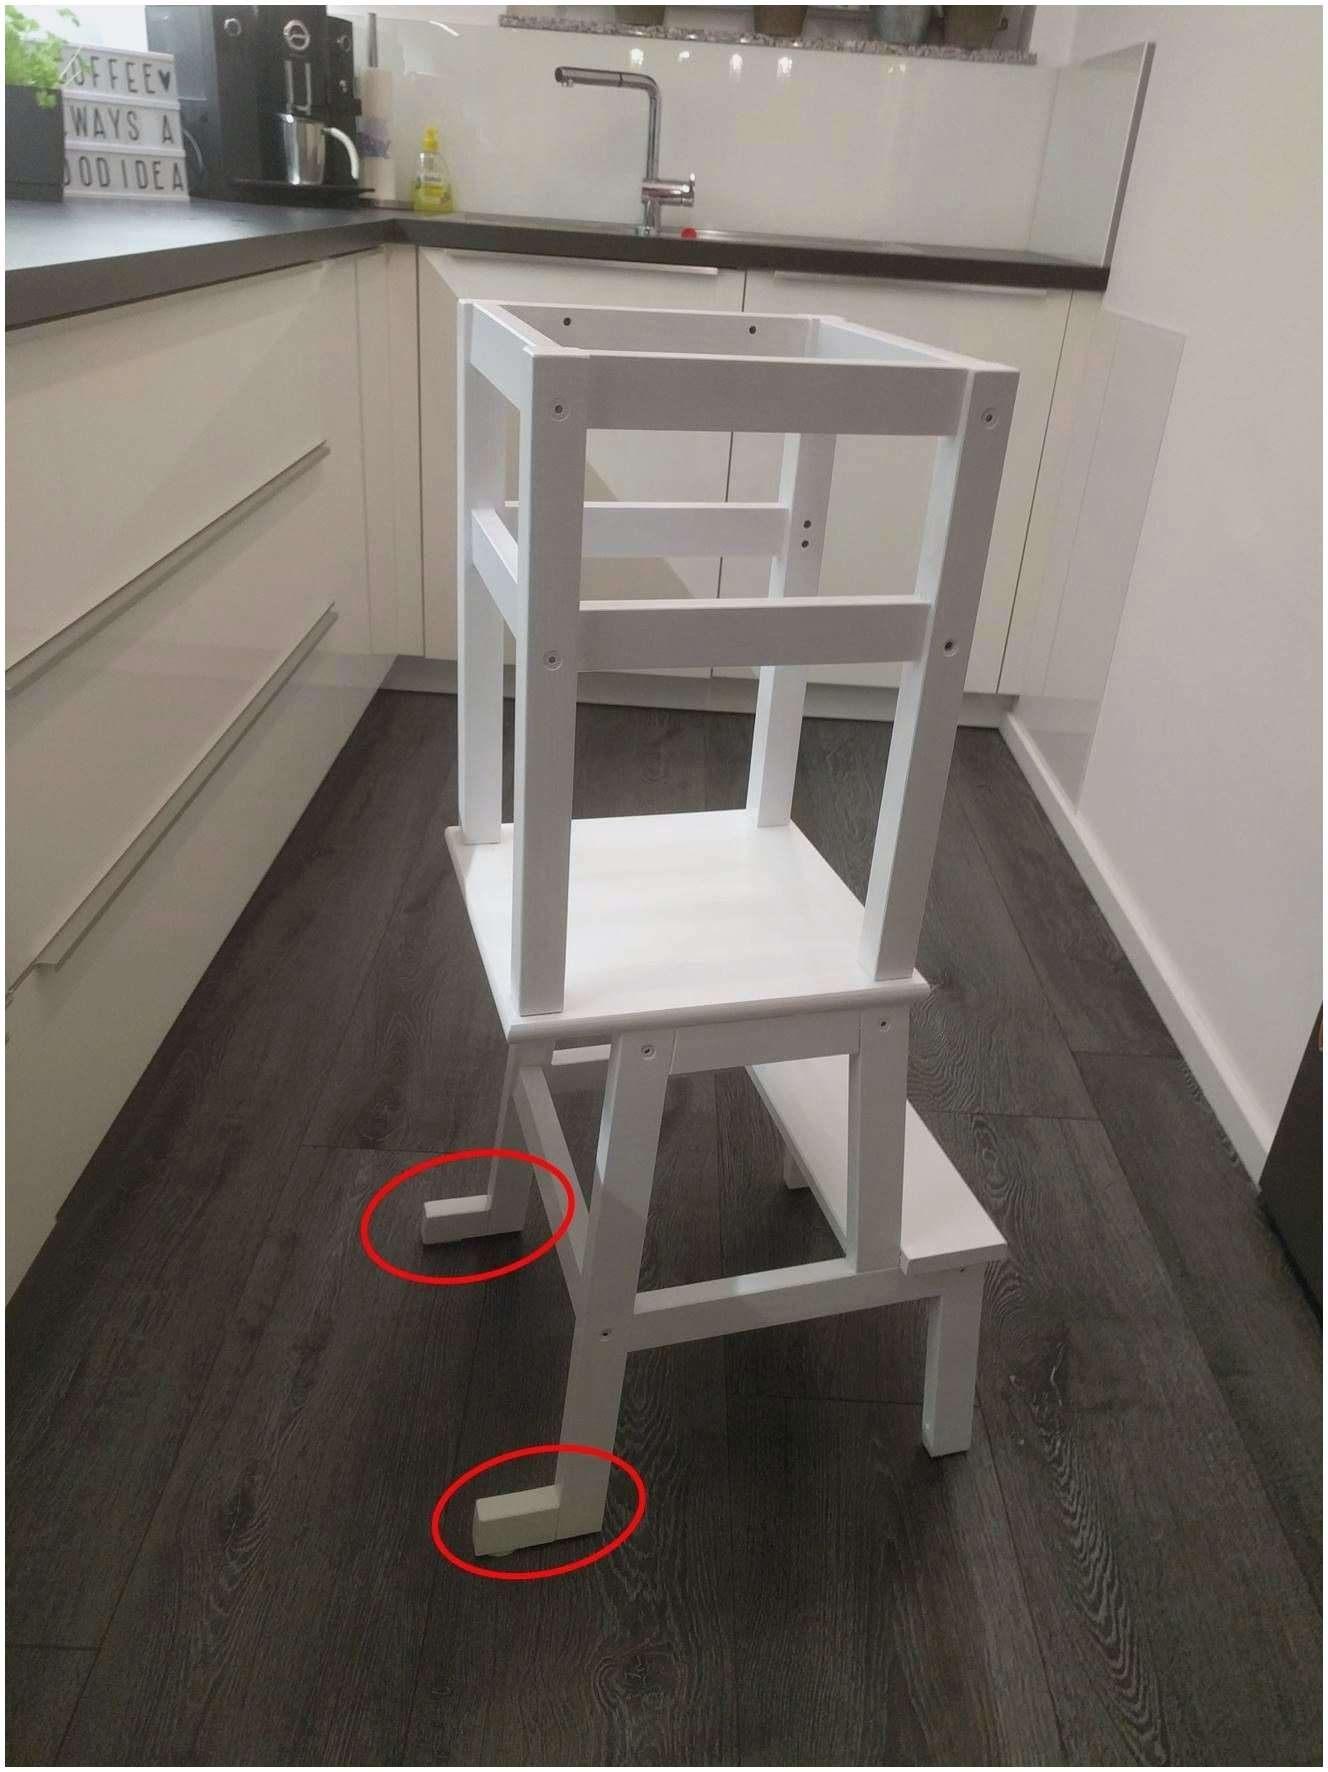 Armoire Lit Escamotable Ikea Magnifique Nouveau Lit Escamotable Avec Canape Integre Ikea Agréable Ikea Lit